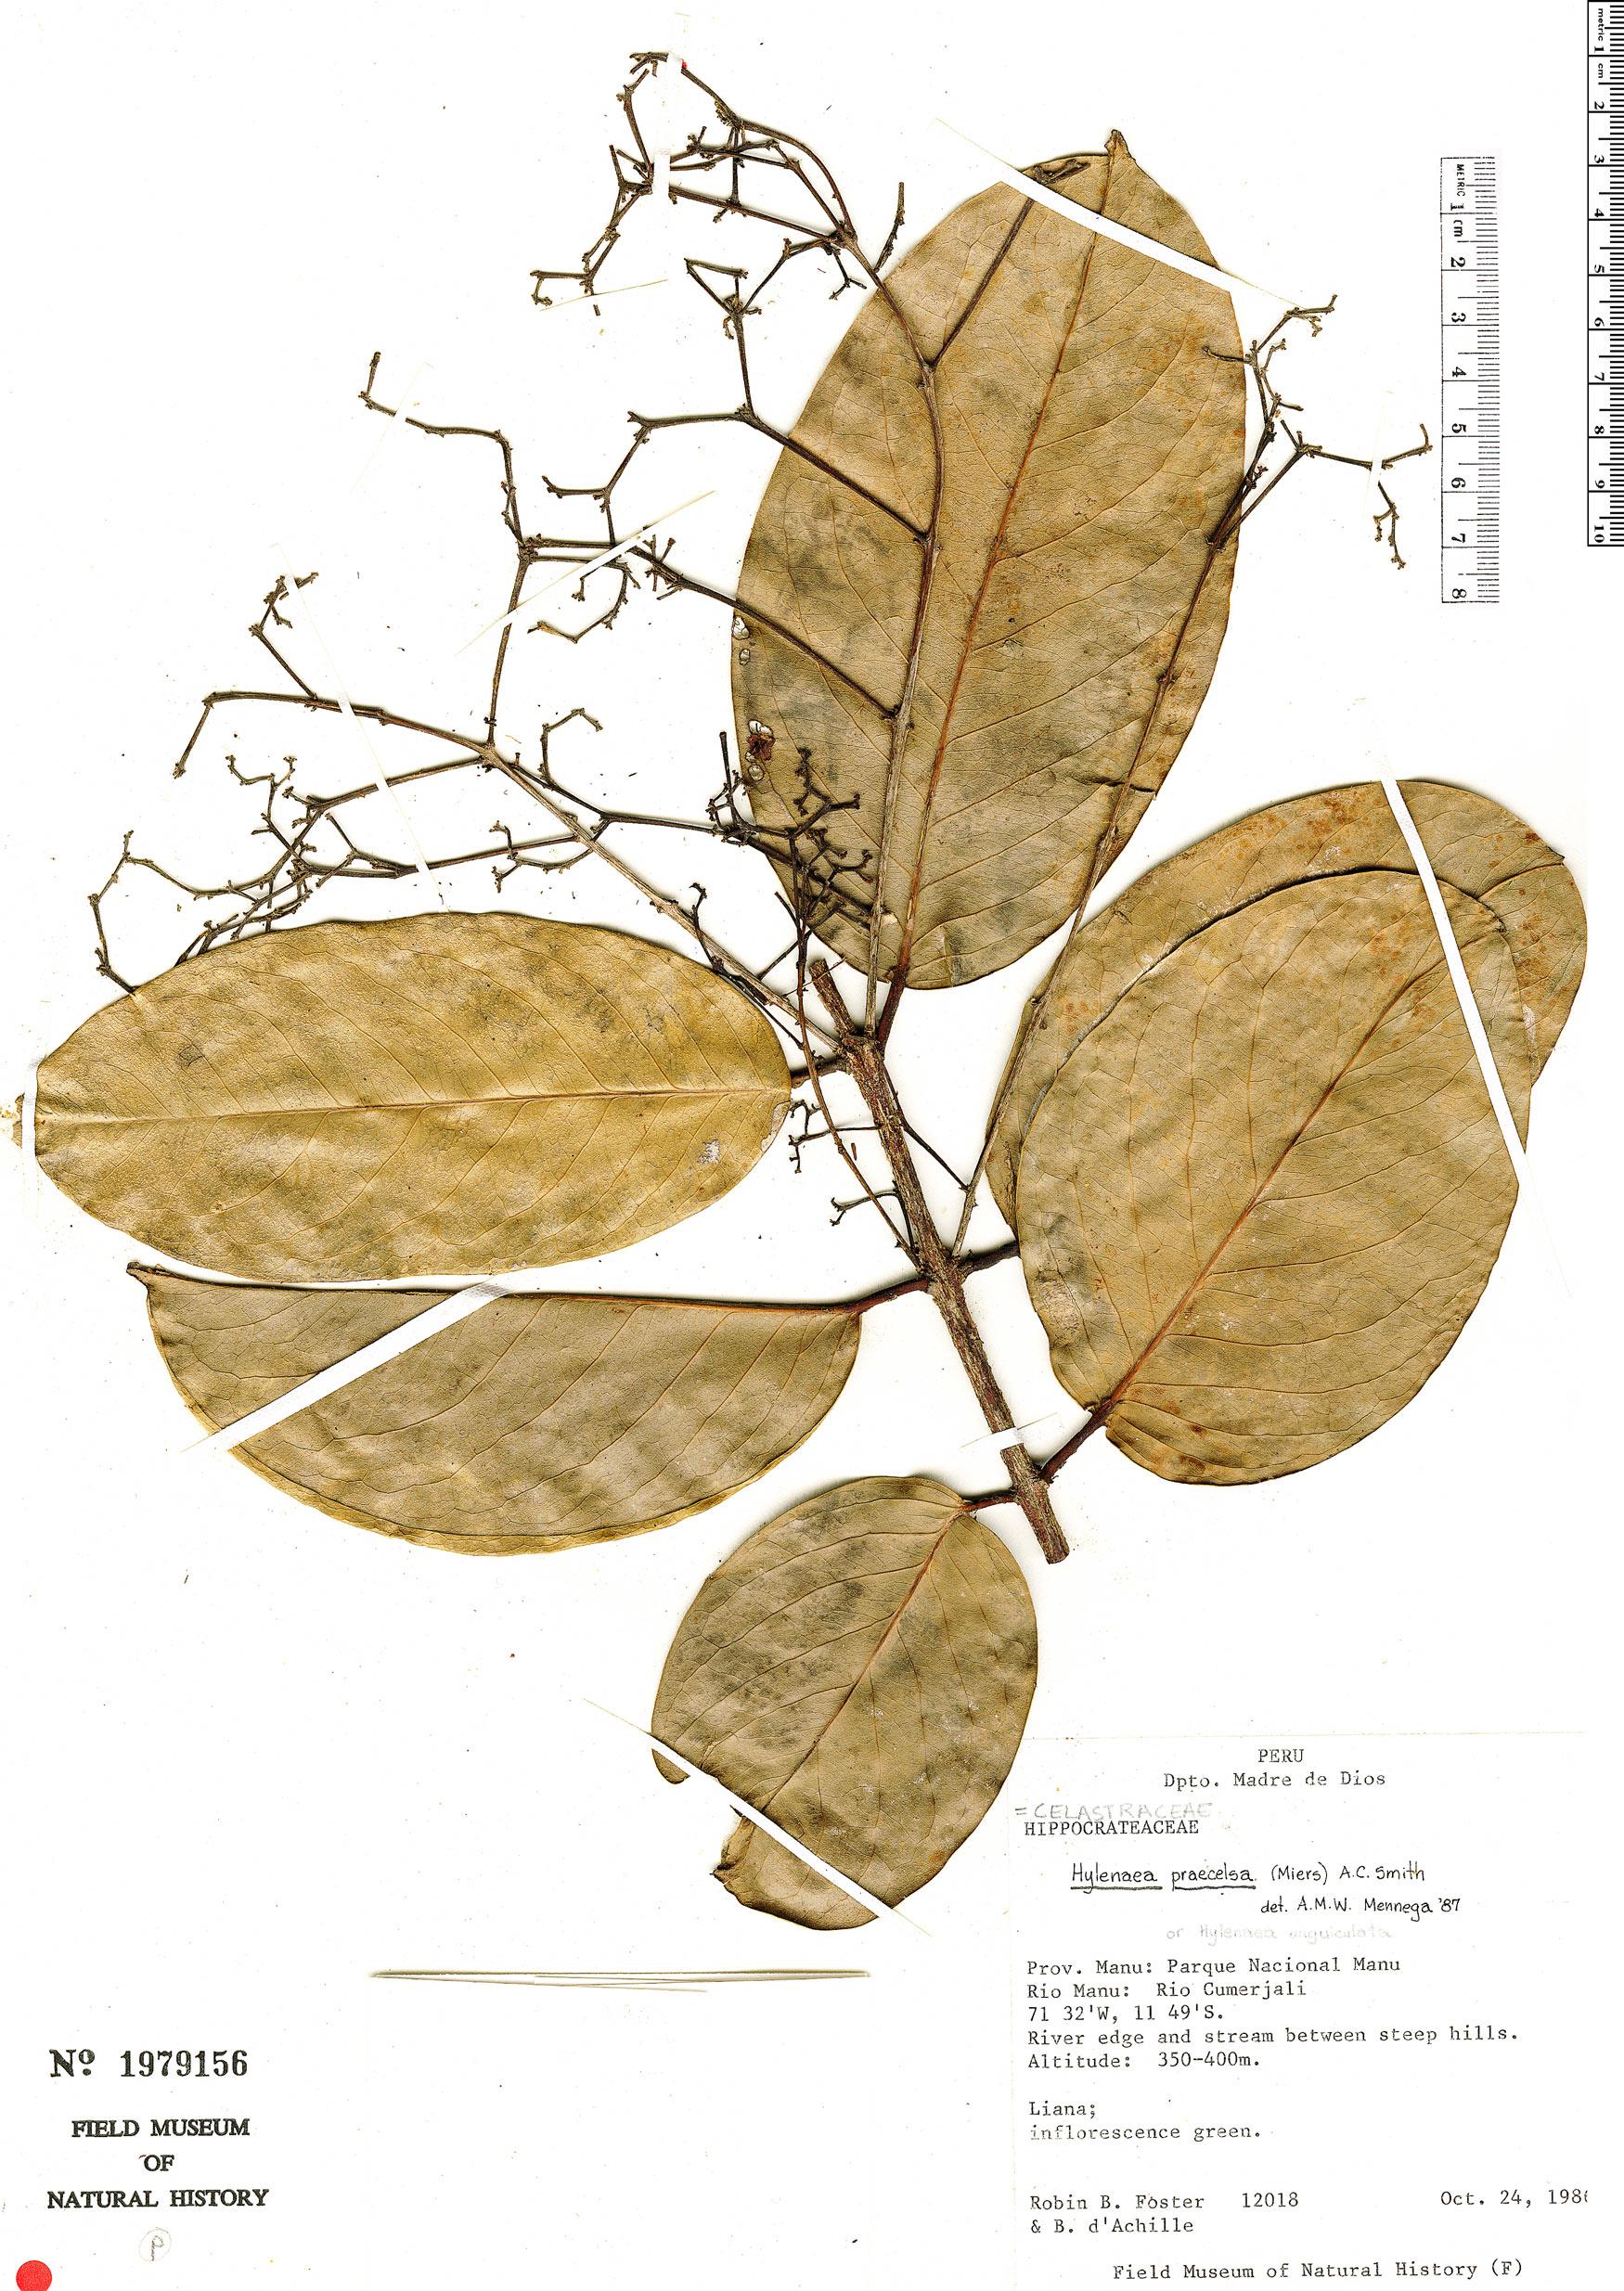 Specimen: Hylenaea praecelsa